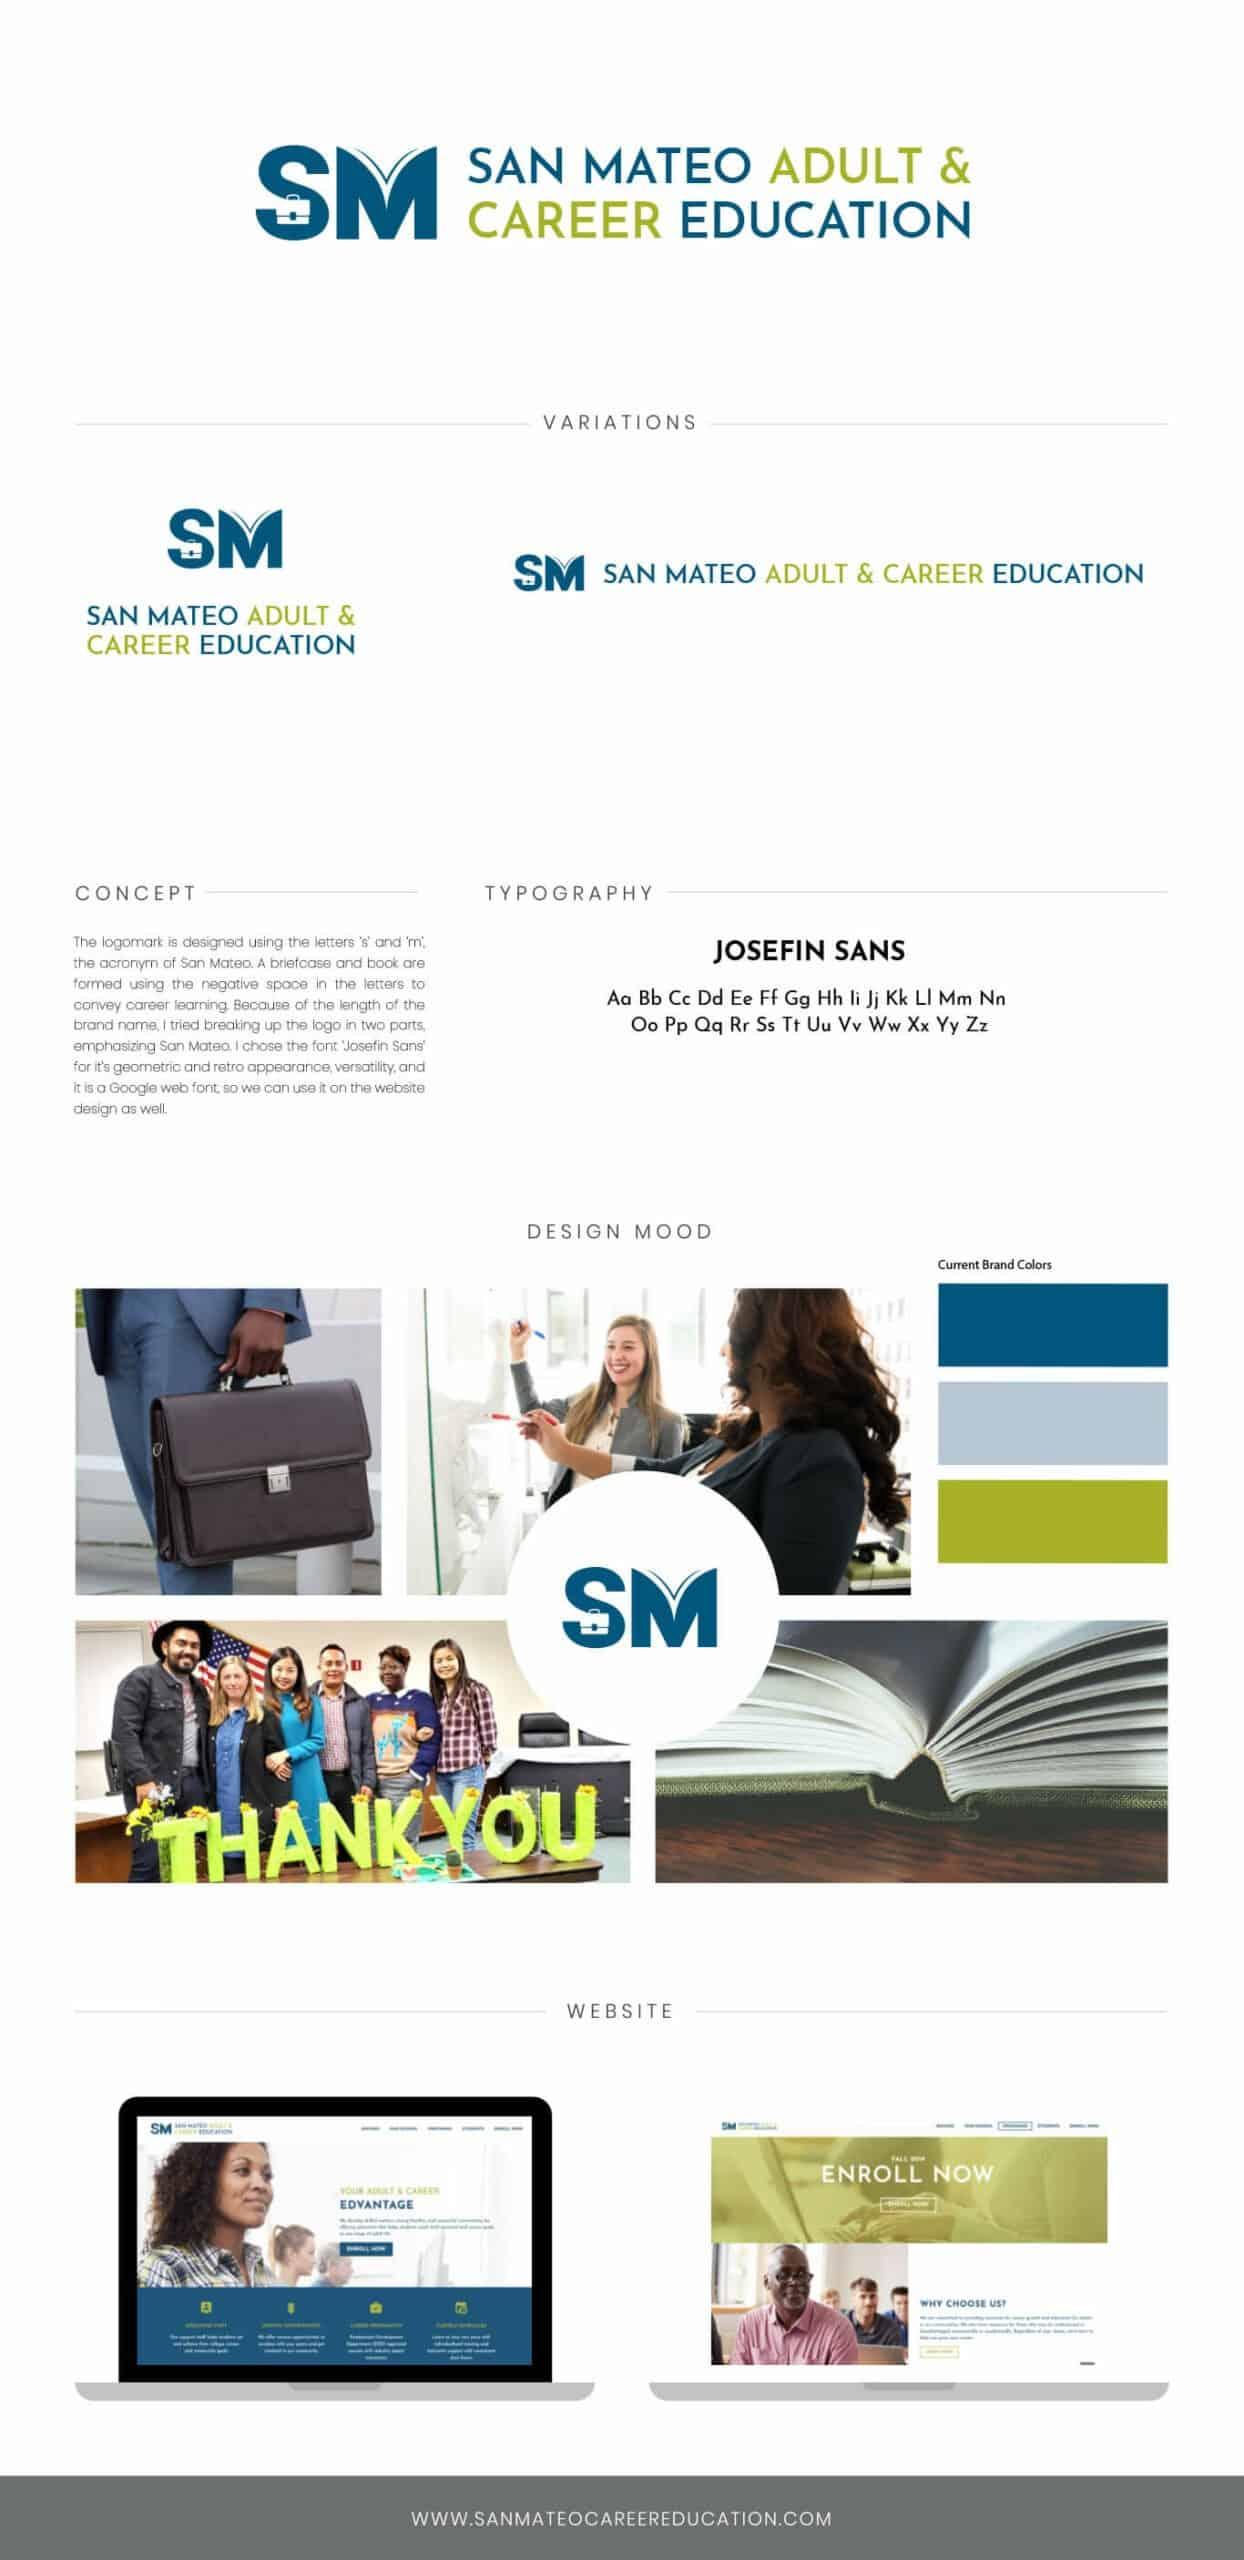 San Mateo Adult & Career Education Mood Board